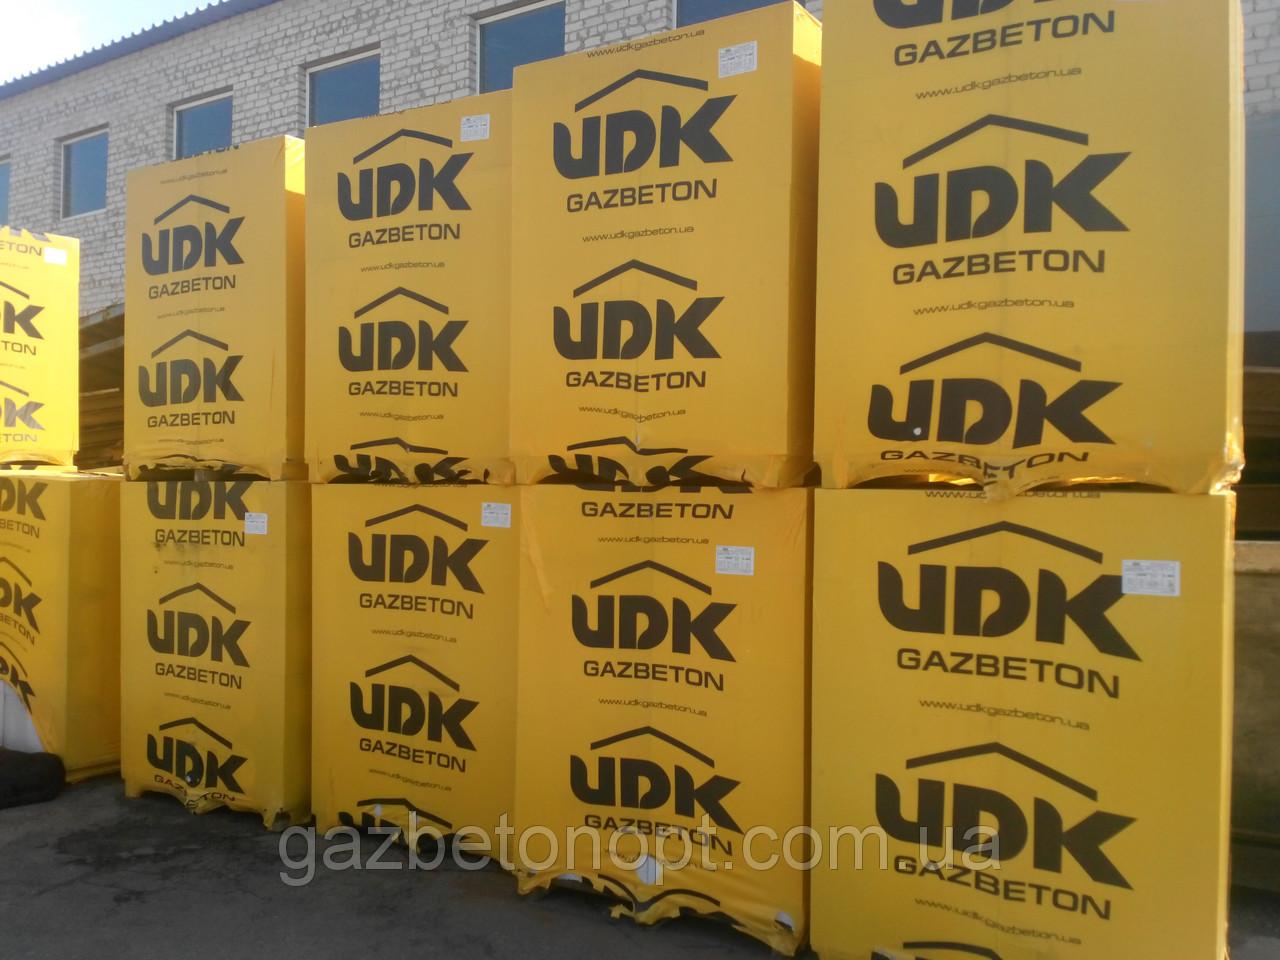 Газобетон, Газоблок, Газобетонные блоки стеновые UDK (ЮДК) 600*300*200 D400 - Материалы для строительства и отделки стен в Харькове